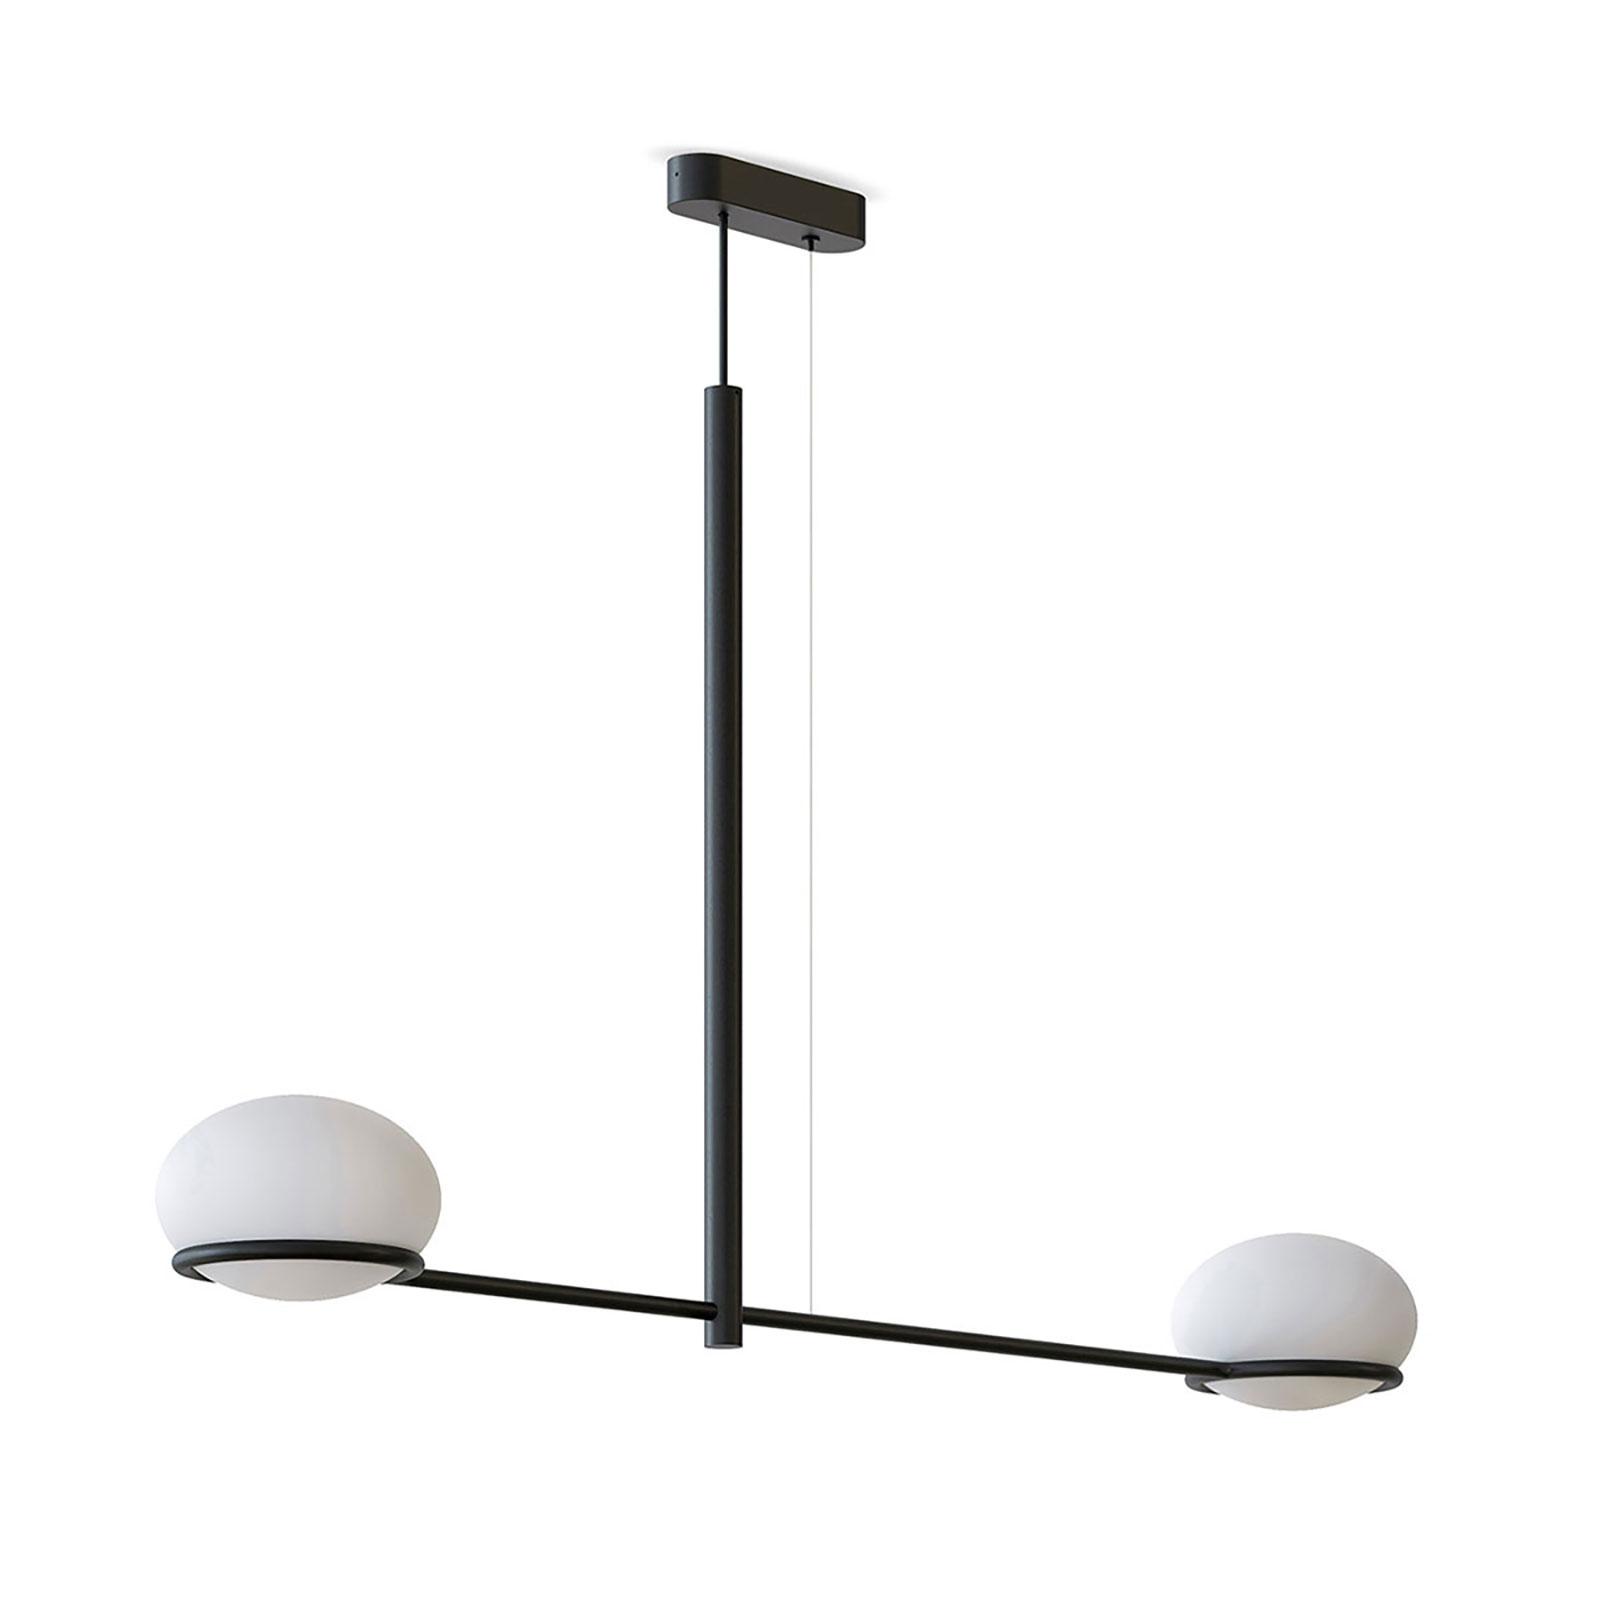 LEDS-C4 Coco Double Hängeleuchte, schwarz/weiß